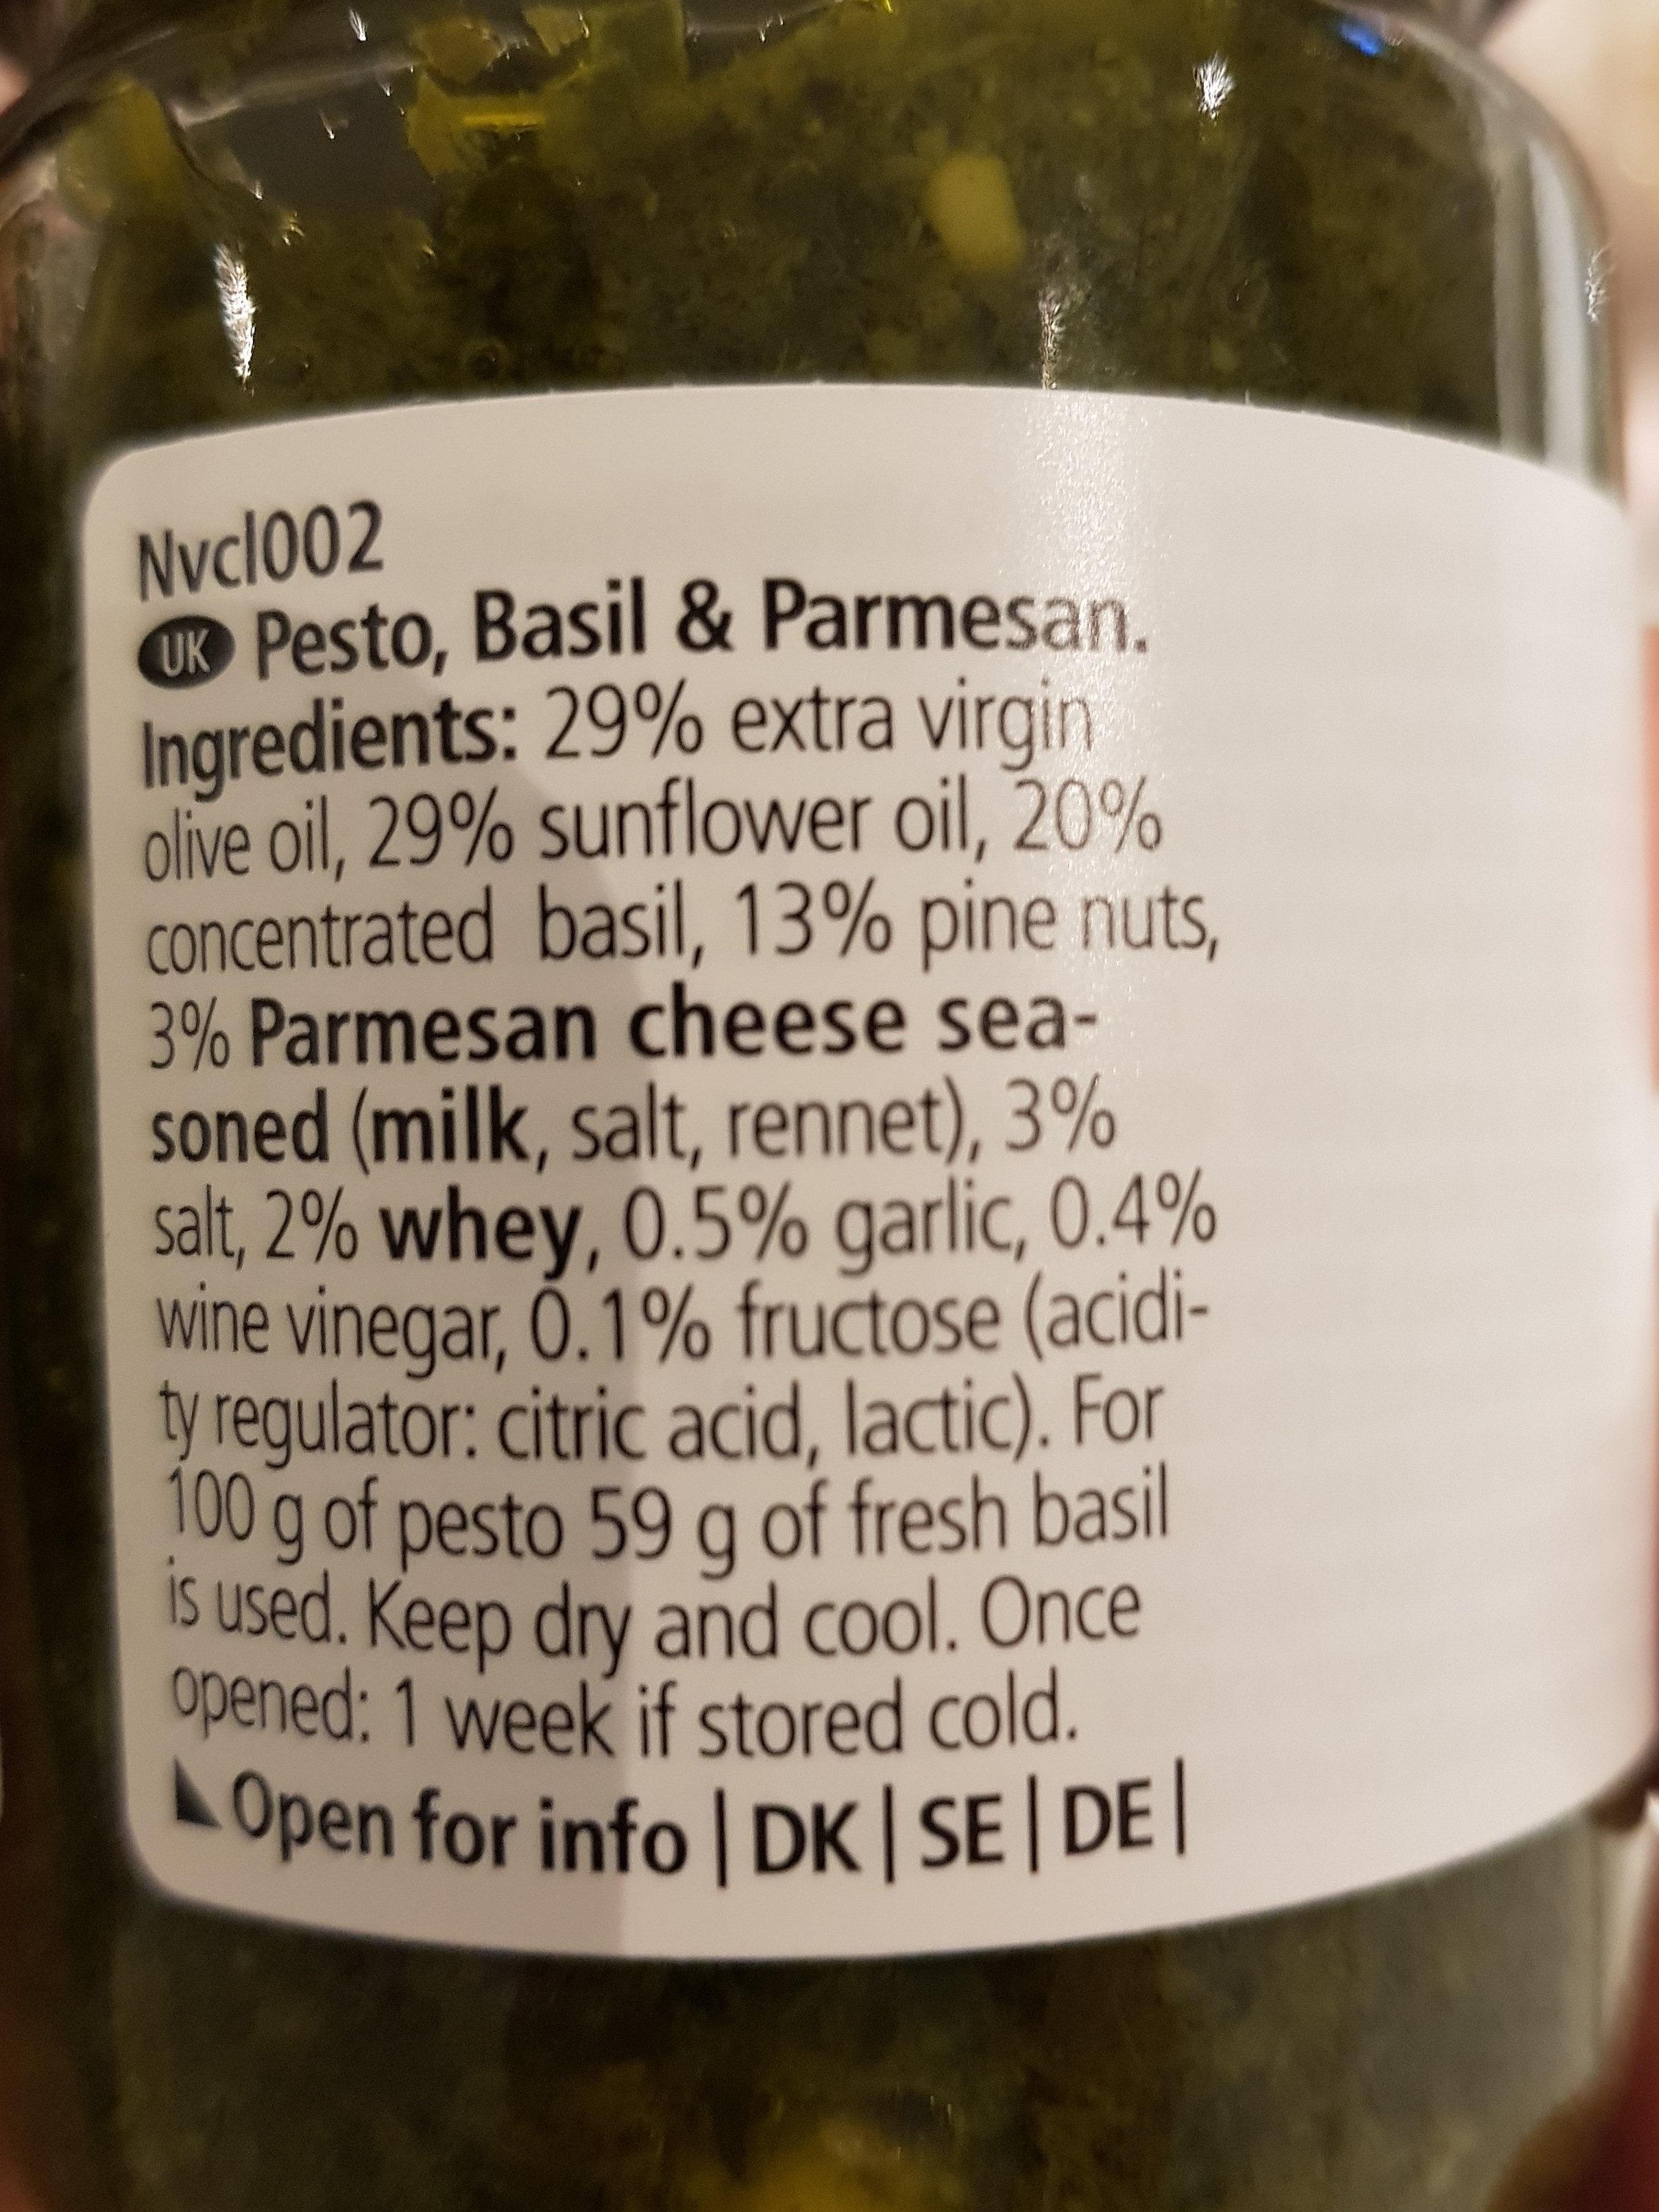 Pesto Basil & Parmesan - Ingrédients